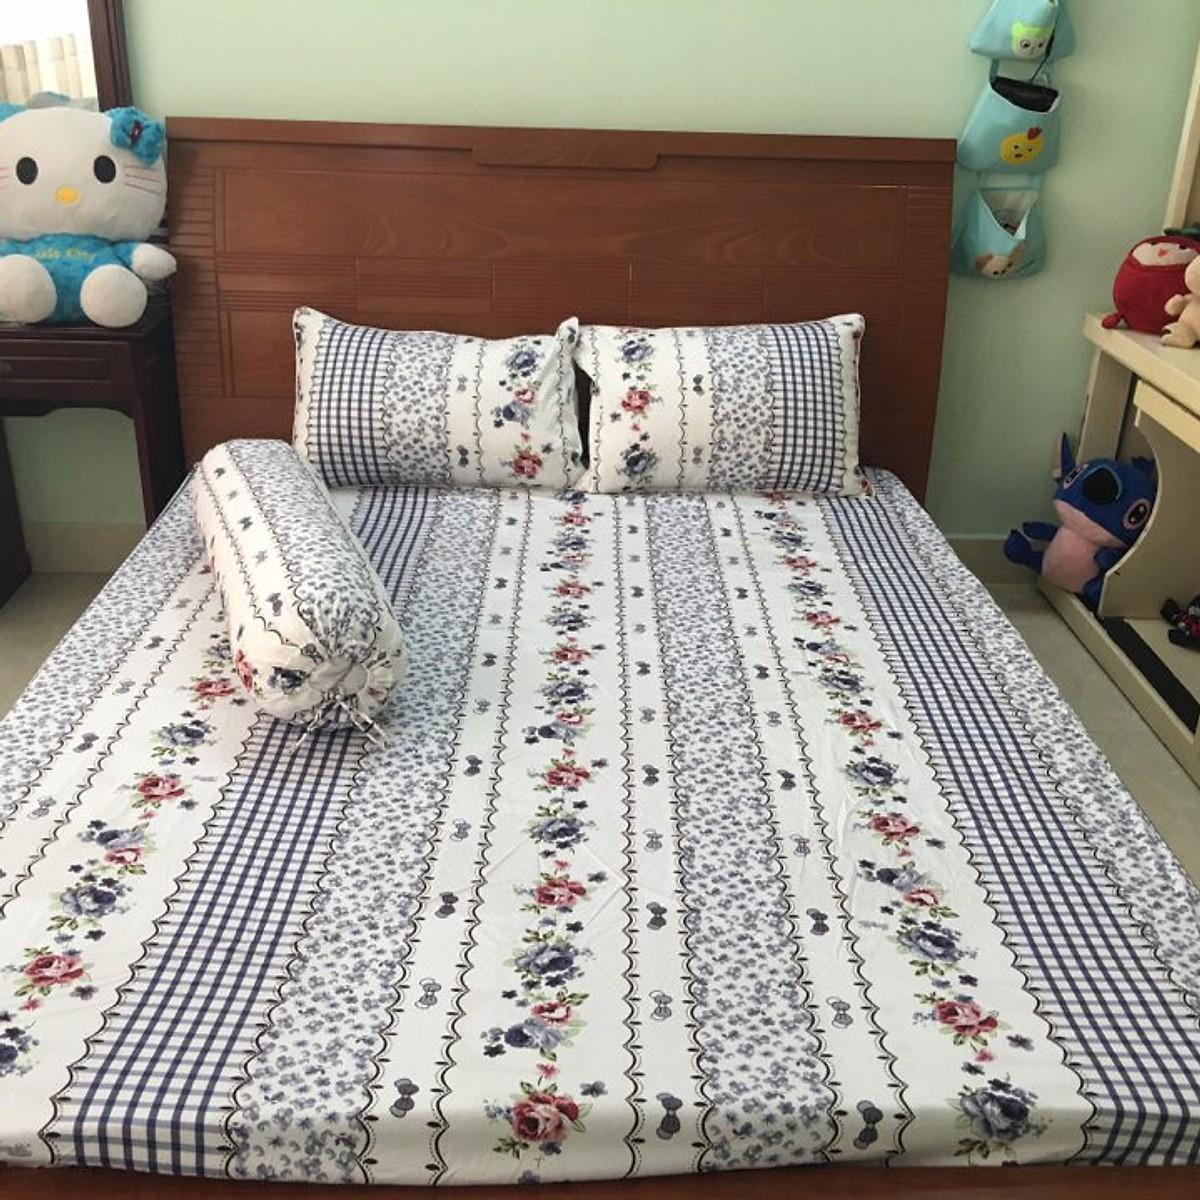 Bộ drap giường cotton cao cấp - bộ 4 món ( 1drap + 2 vỏ nằm +1 vỏ ôm + 1 chăn chần)